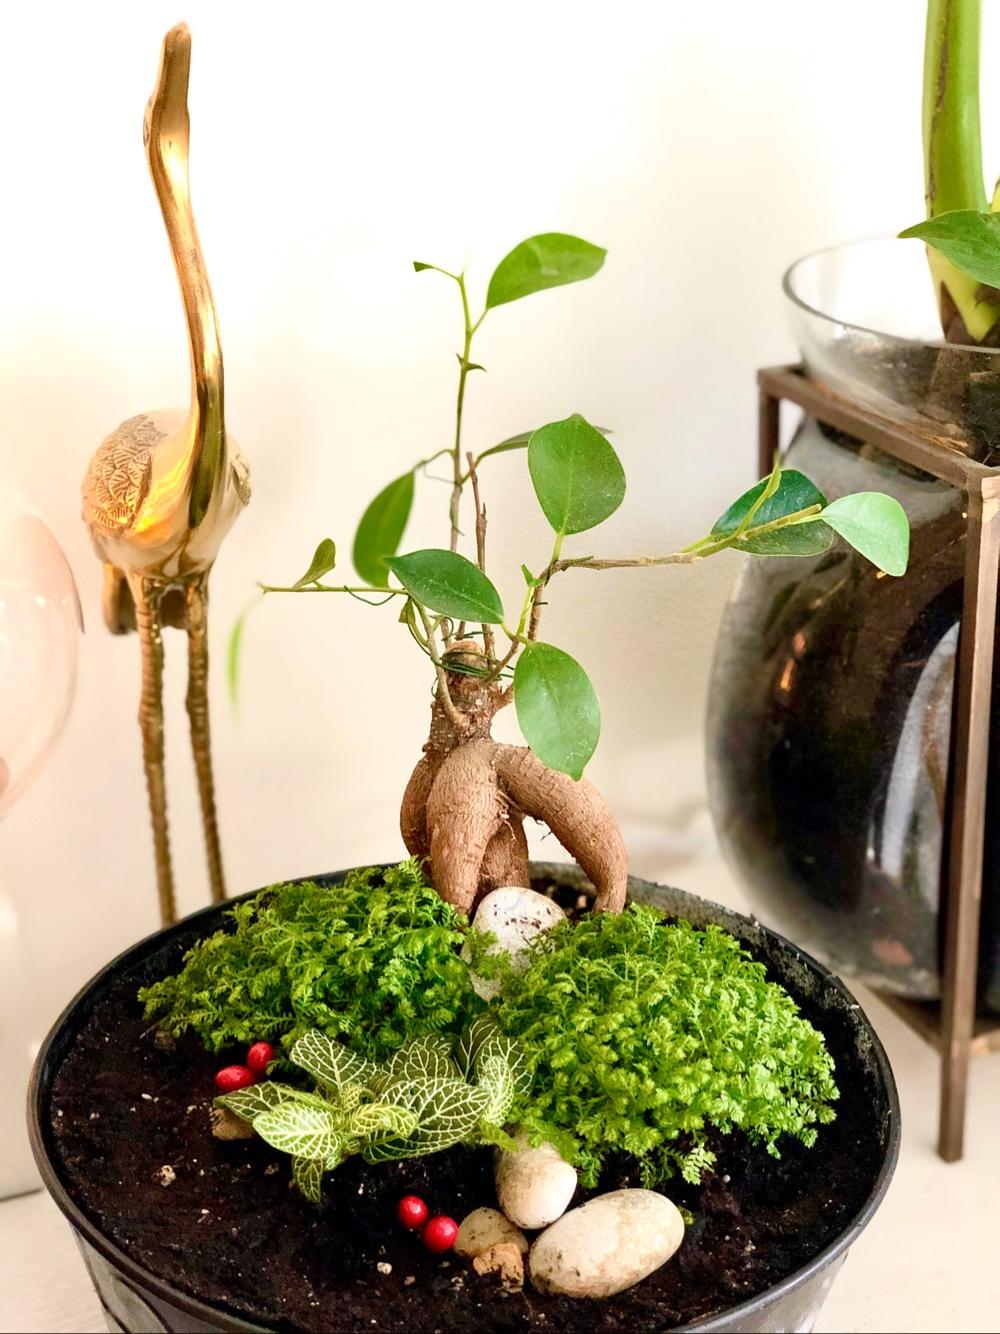 bild på ett bonsaiträd tillsamans med små växter guld trana syns bakom